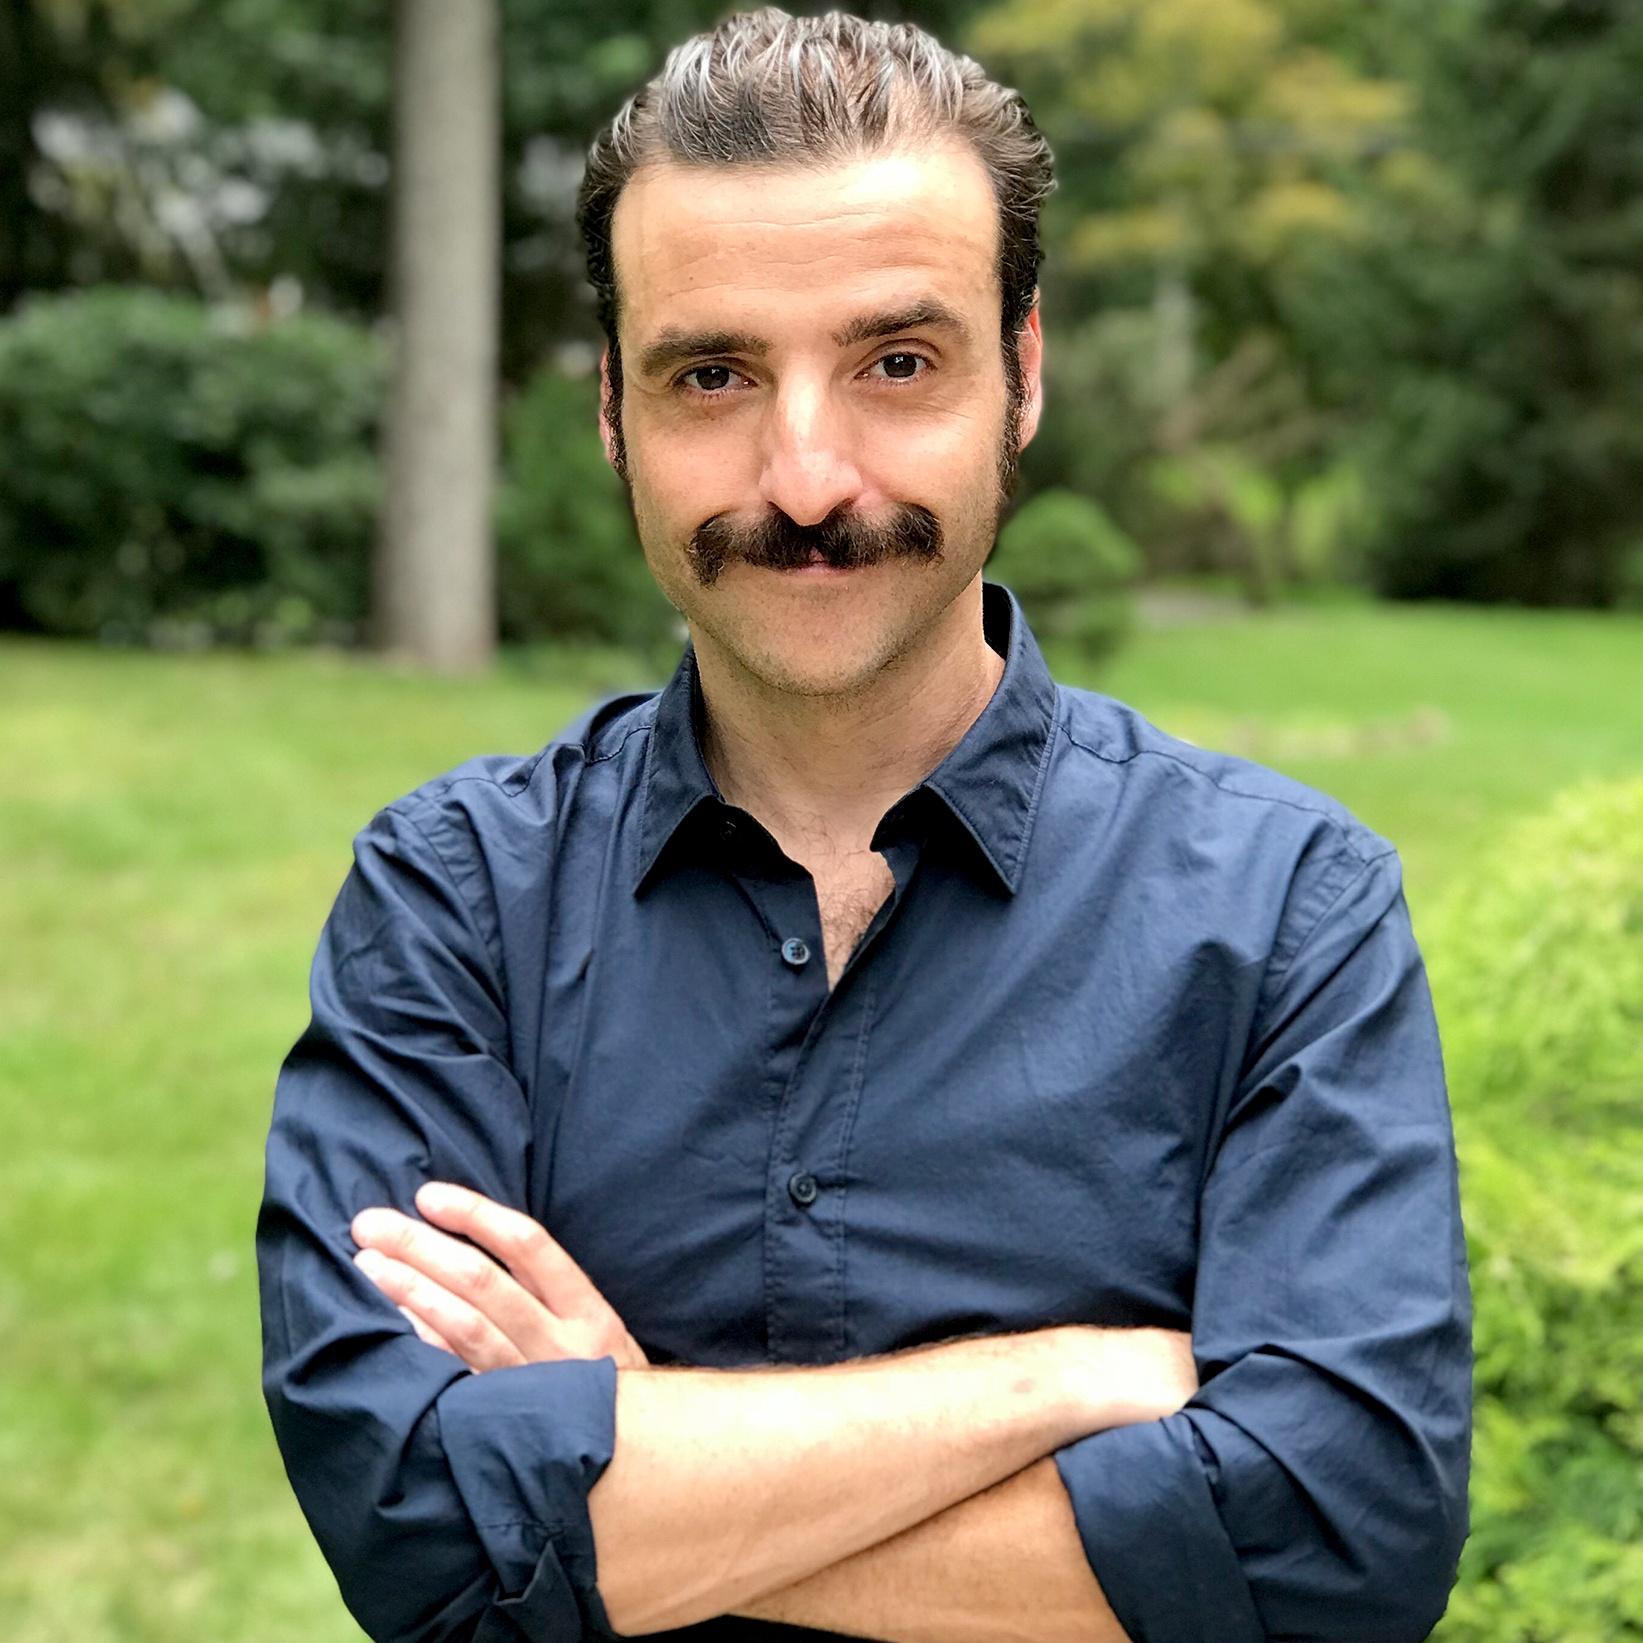 terrible mustache